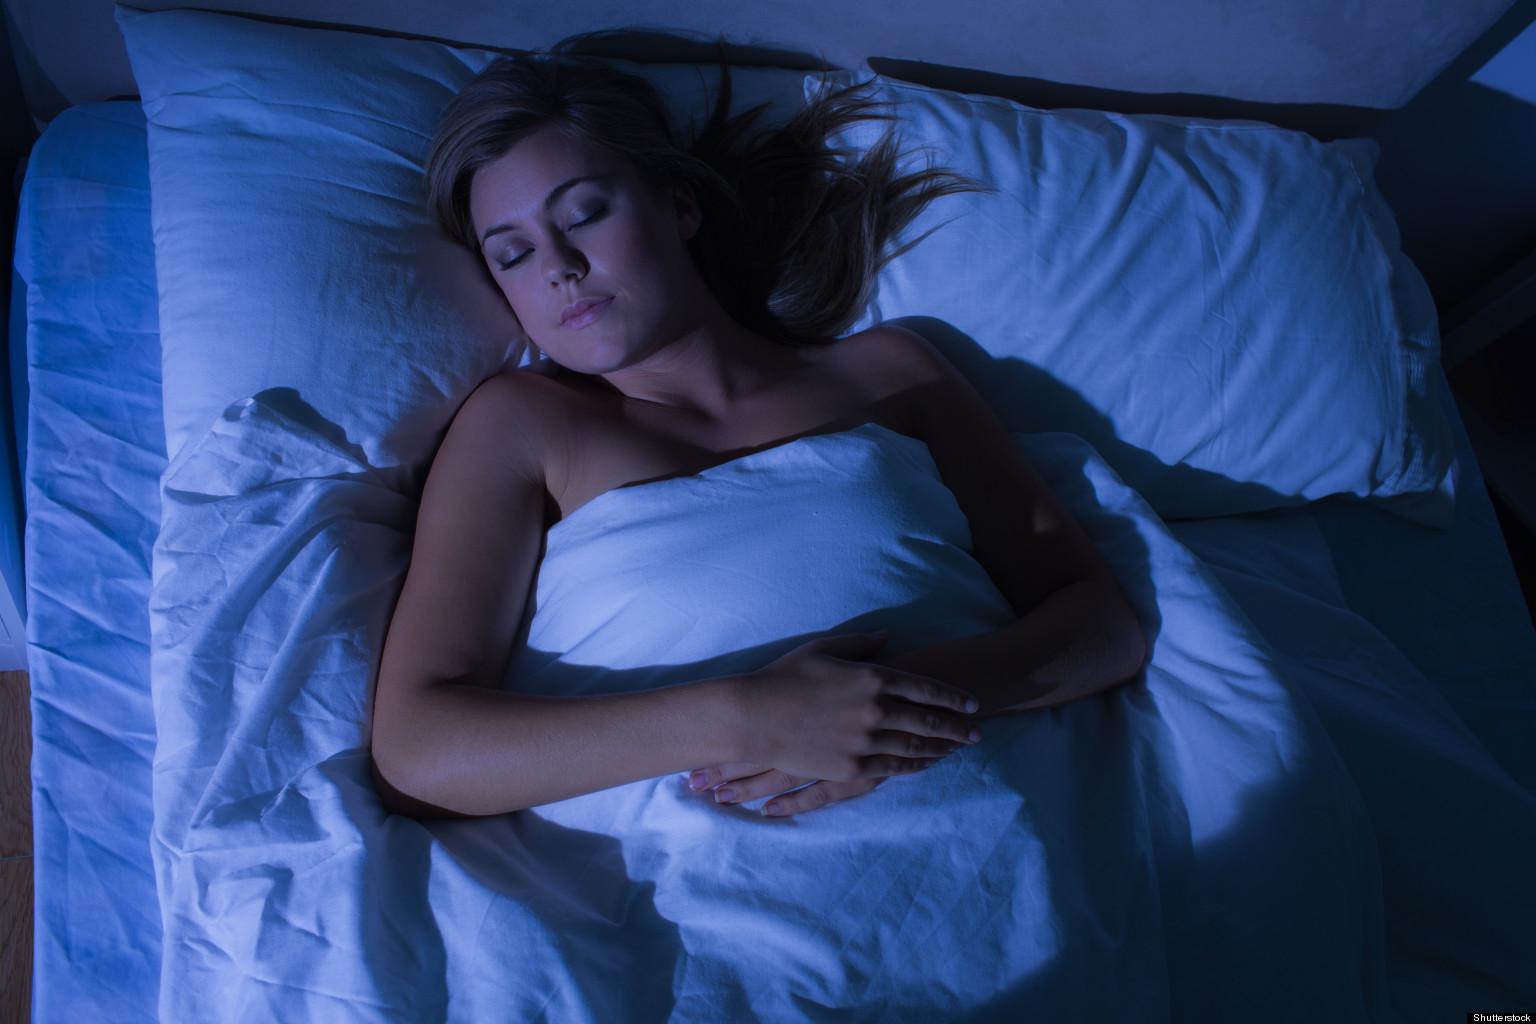 Съёмка спящих жён 2 фотография